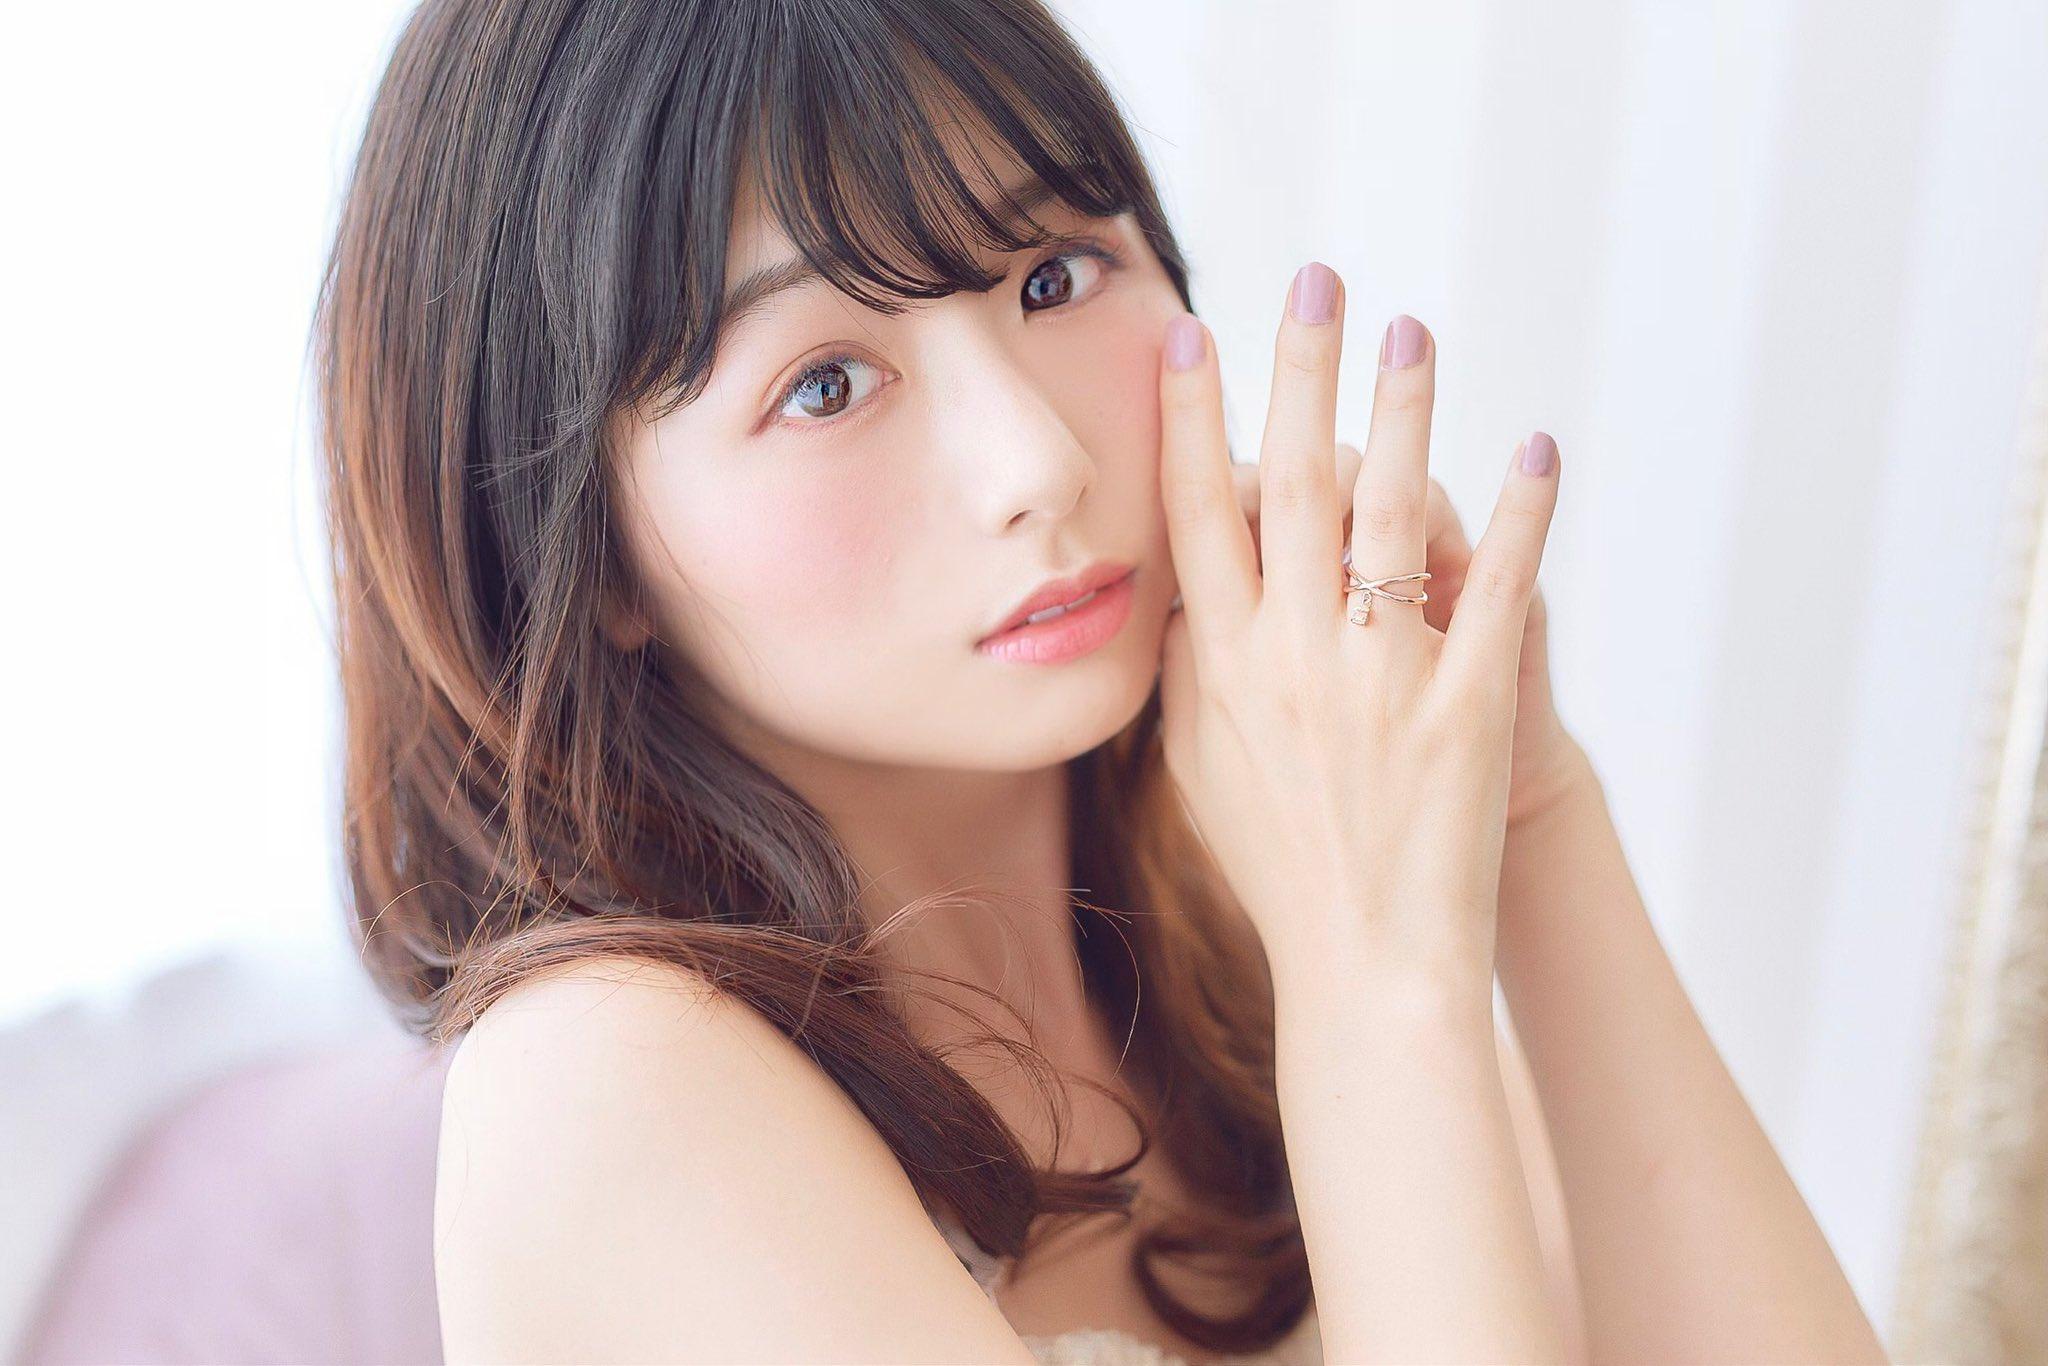 kurita__emi 1201815349626167297_p0